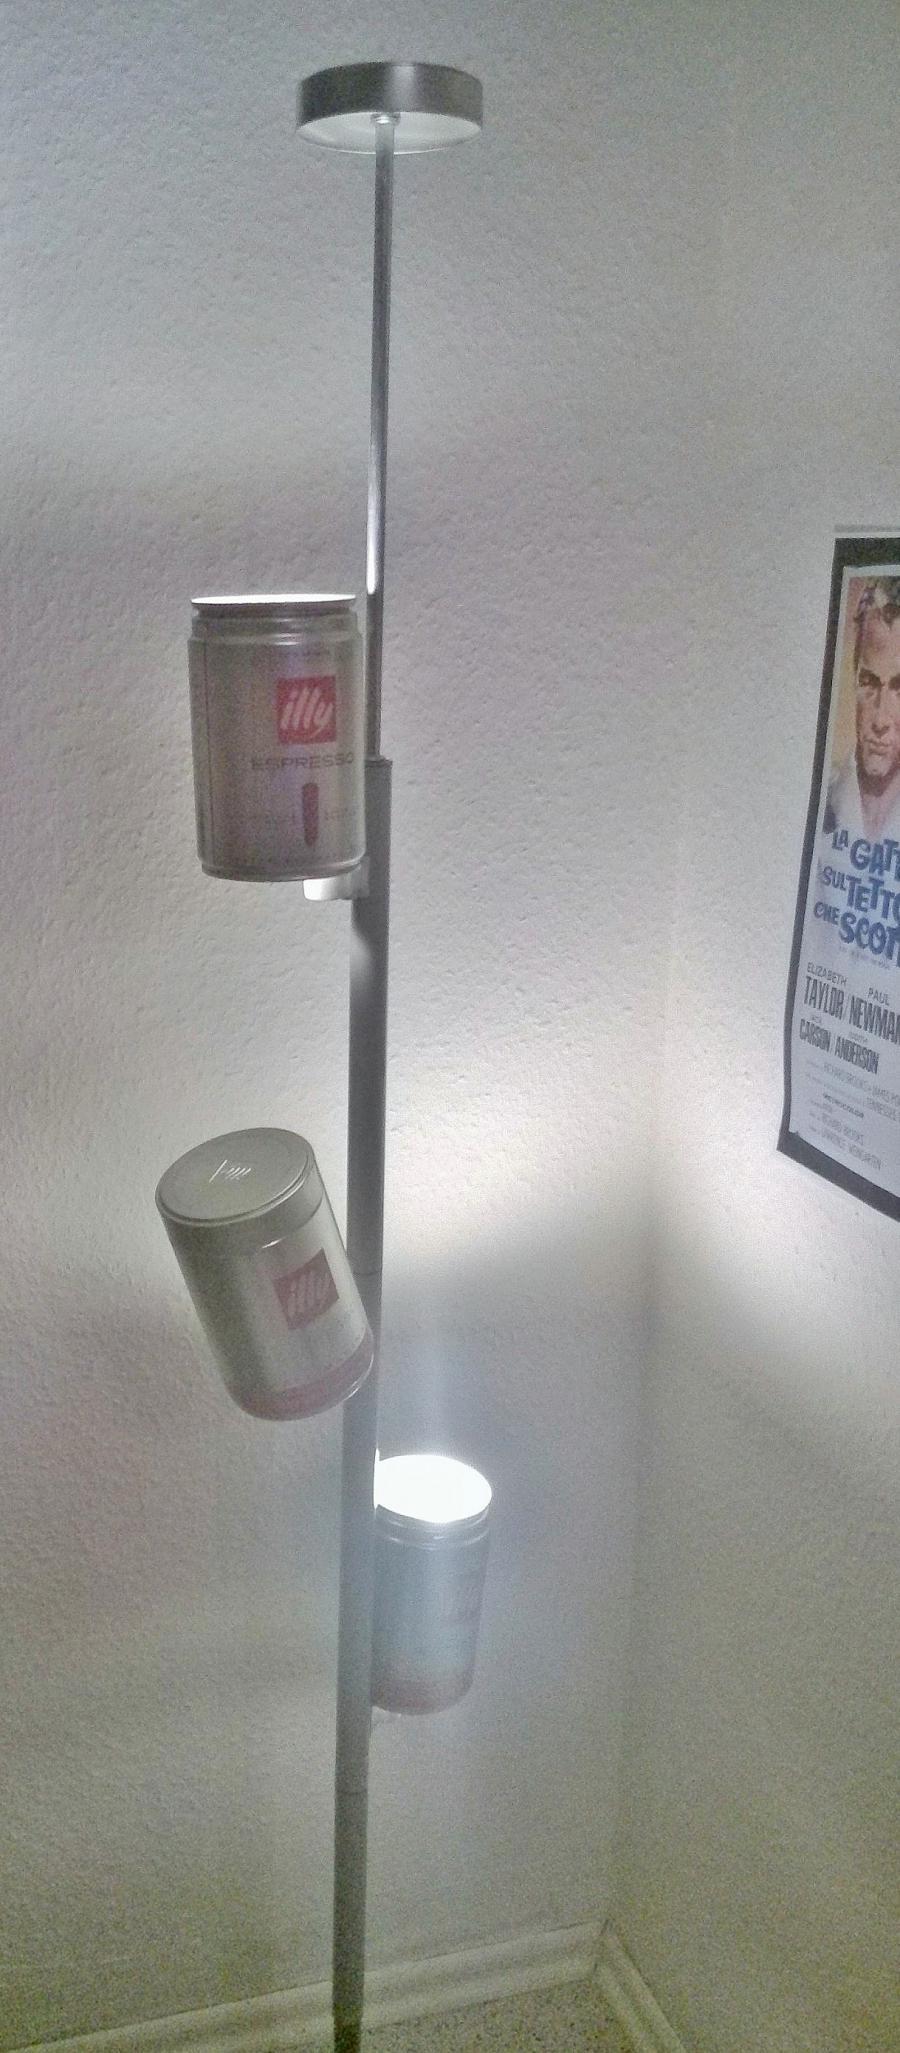 Full Size of Ikea Lampen Stehlampe Stehlampen Schweiz Dimmbar Papier Lampe Schirm Moderne Dimmen Neu Gestalten Frag Mutti Betten 160x200 Küche Kosten Miniküche Kaufen Wohnzimmer Stehlampen Ikea